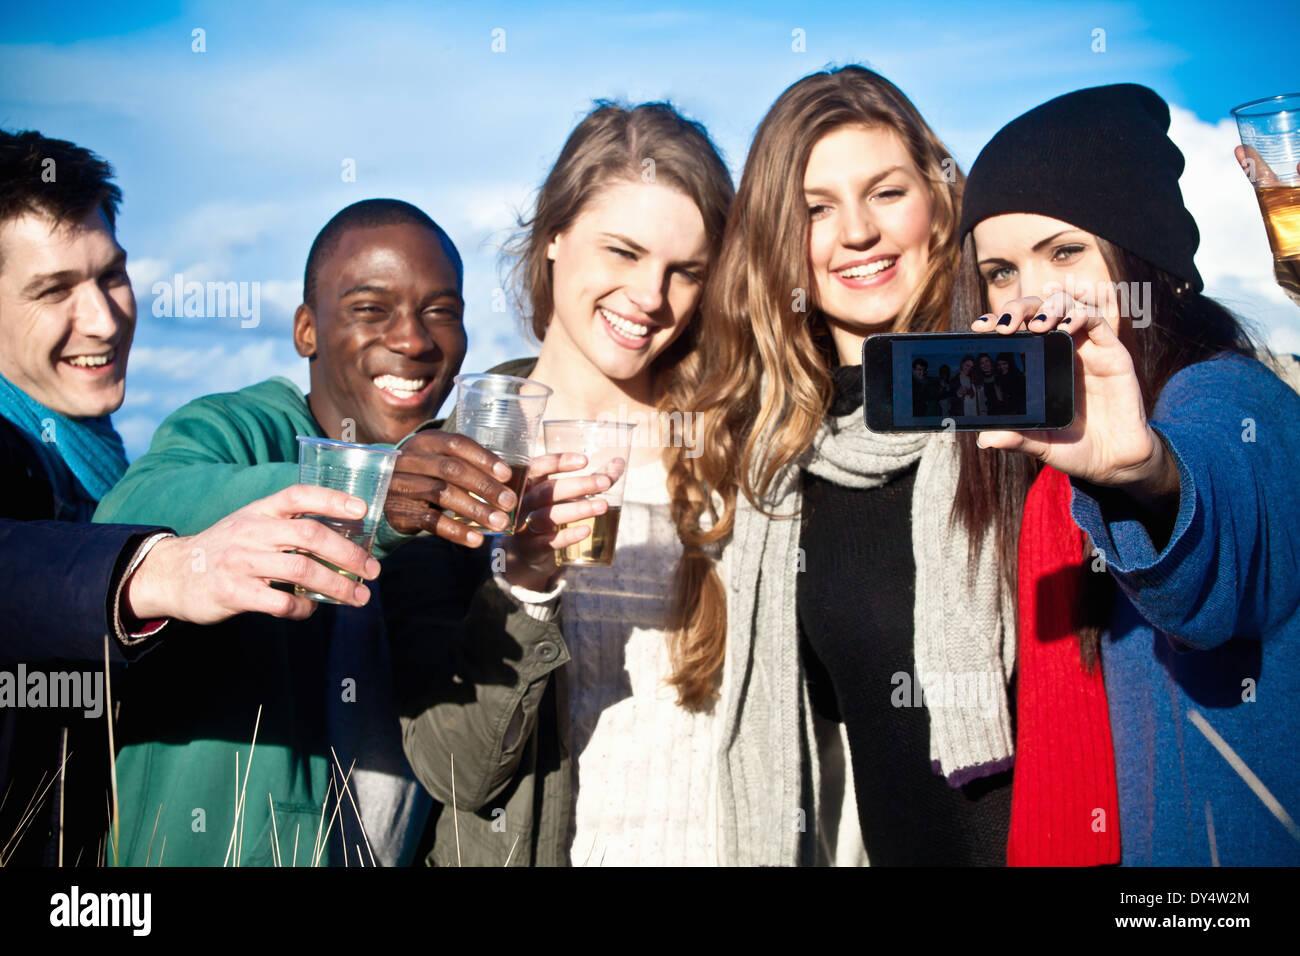 Adultos jóvenes amigos brindando con vino blanco y teniendo selfie Imagen De Stock